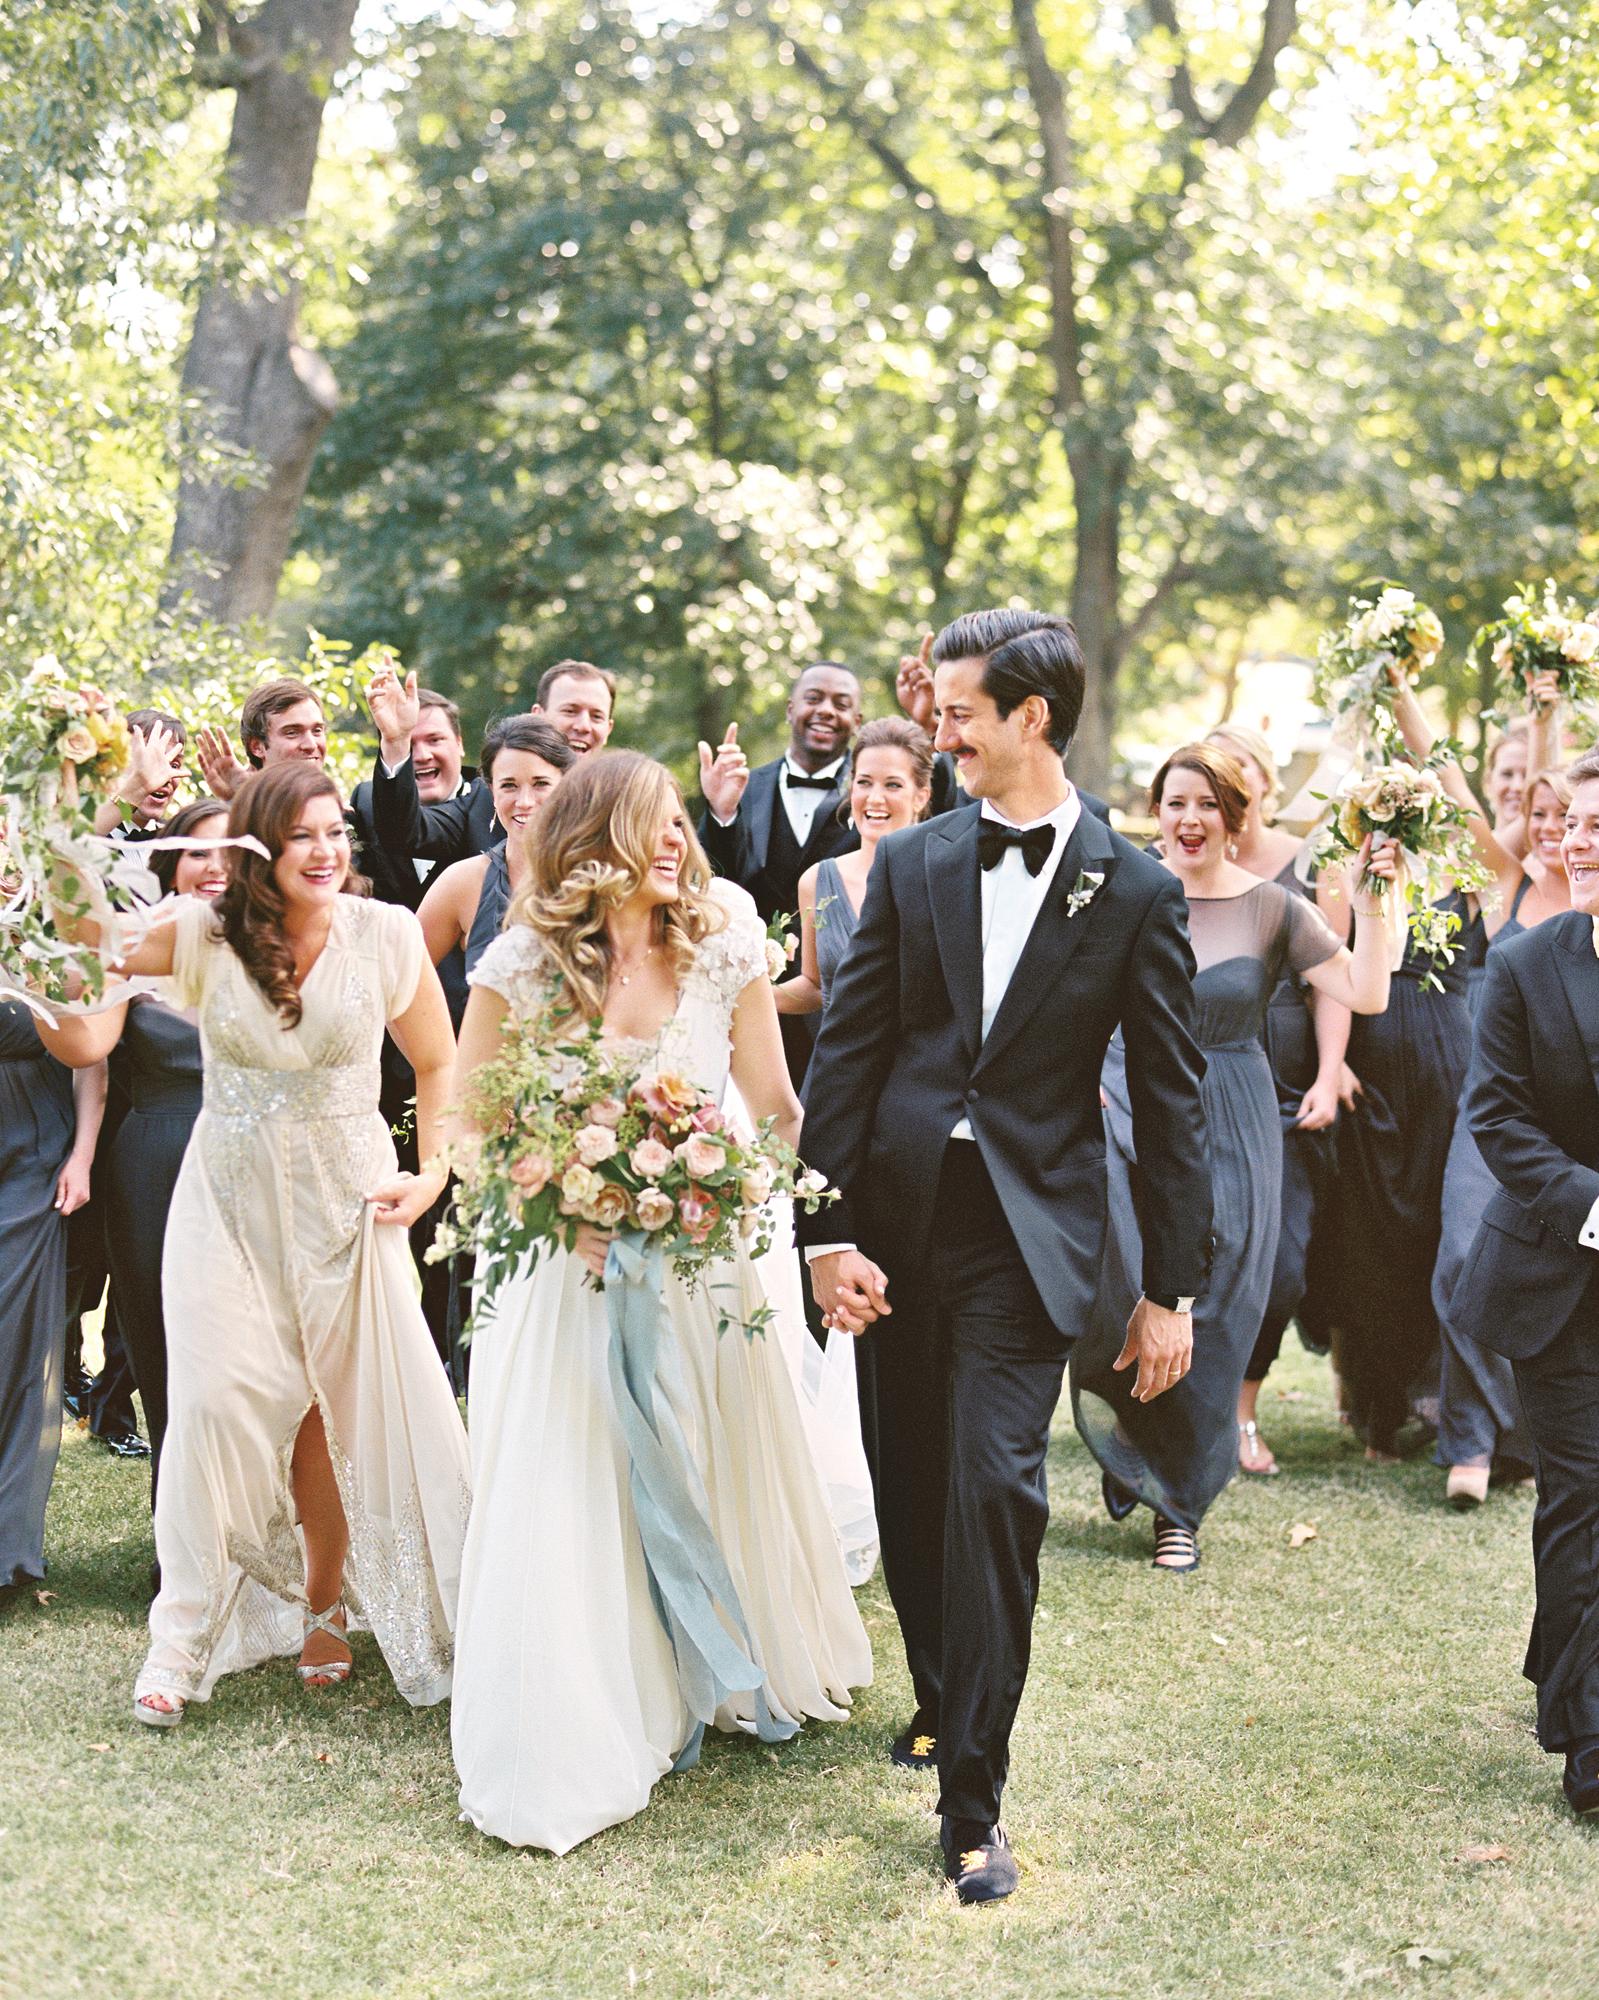 katty-chris-wedding-tulsa-oklahoma-w361-s112049.jpg